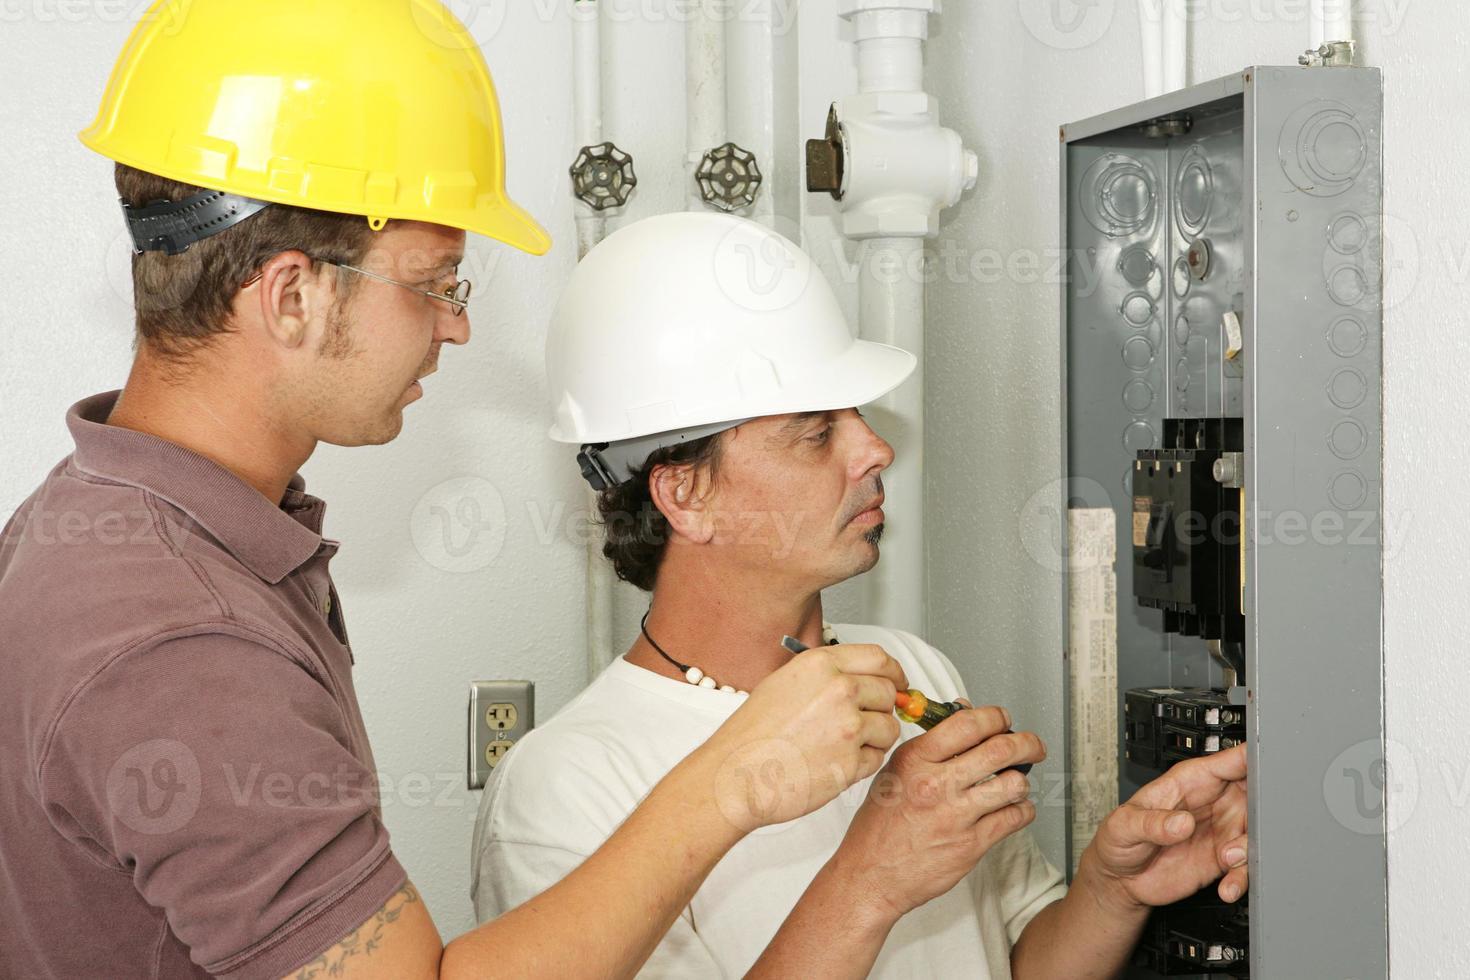 painel de fiação de eletricistas foto